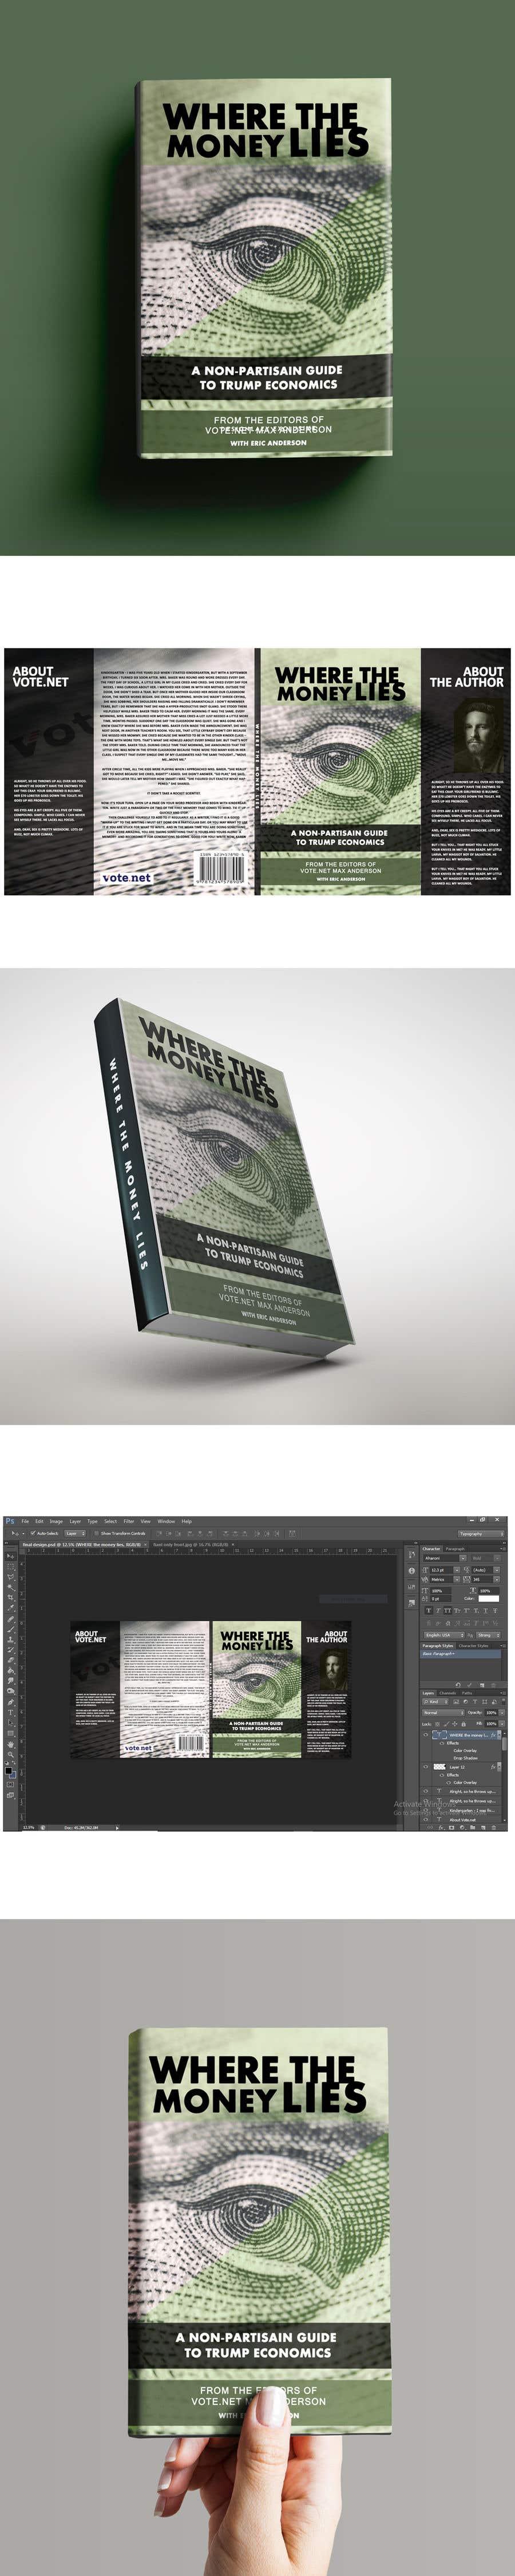 Konkurrenceindlæg #227 for Book Cover Design